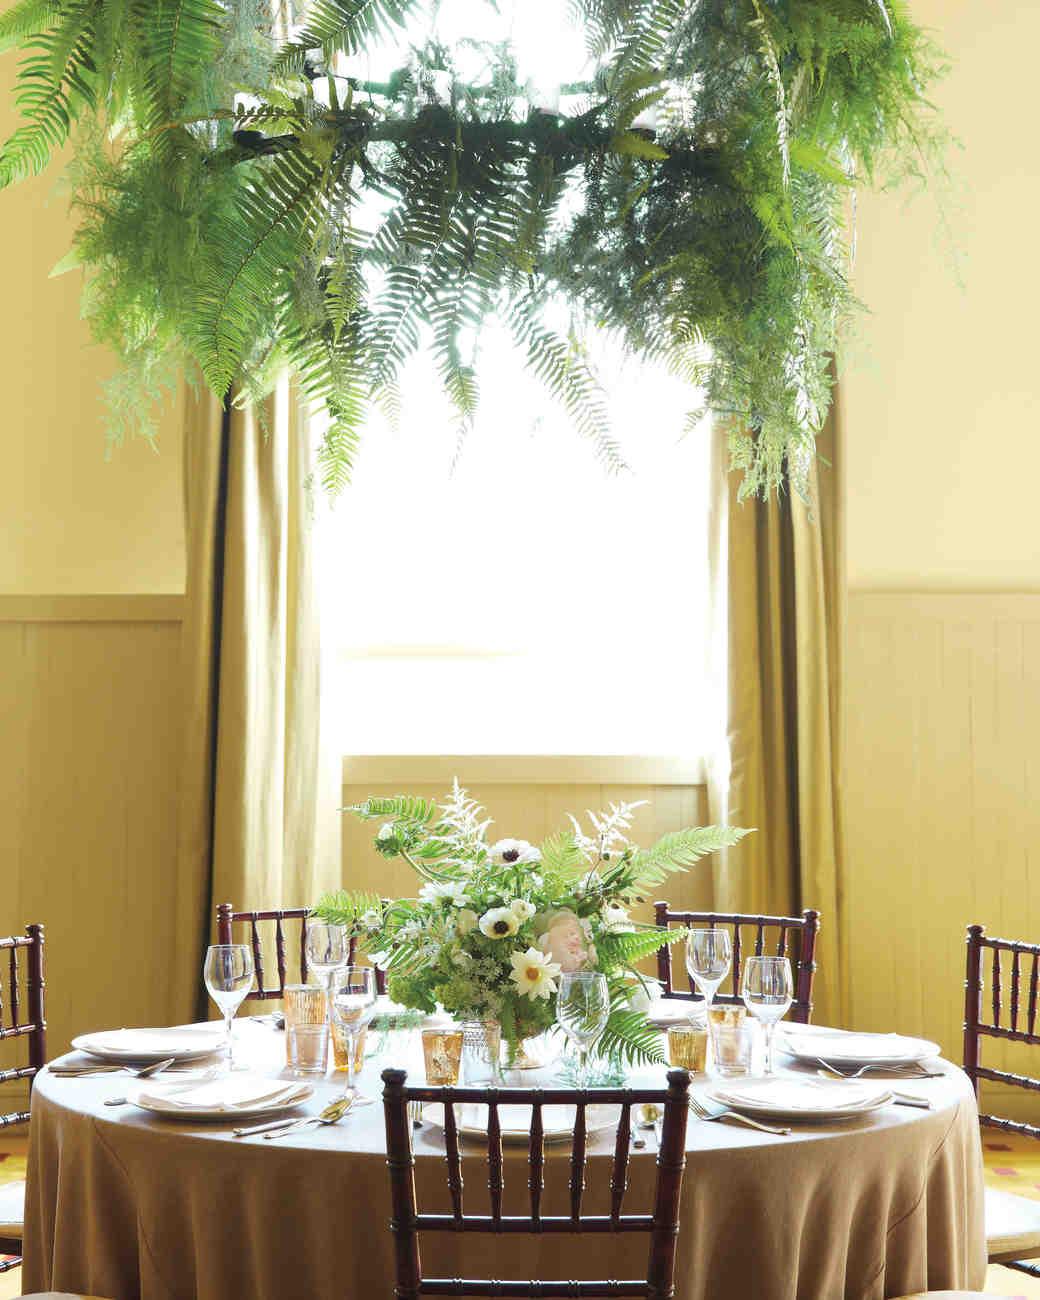 meaghan-conrad-fern-wreaths-0461-mwd109593.jpg